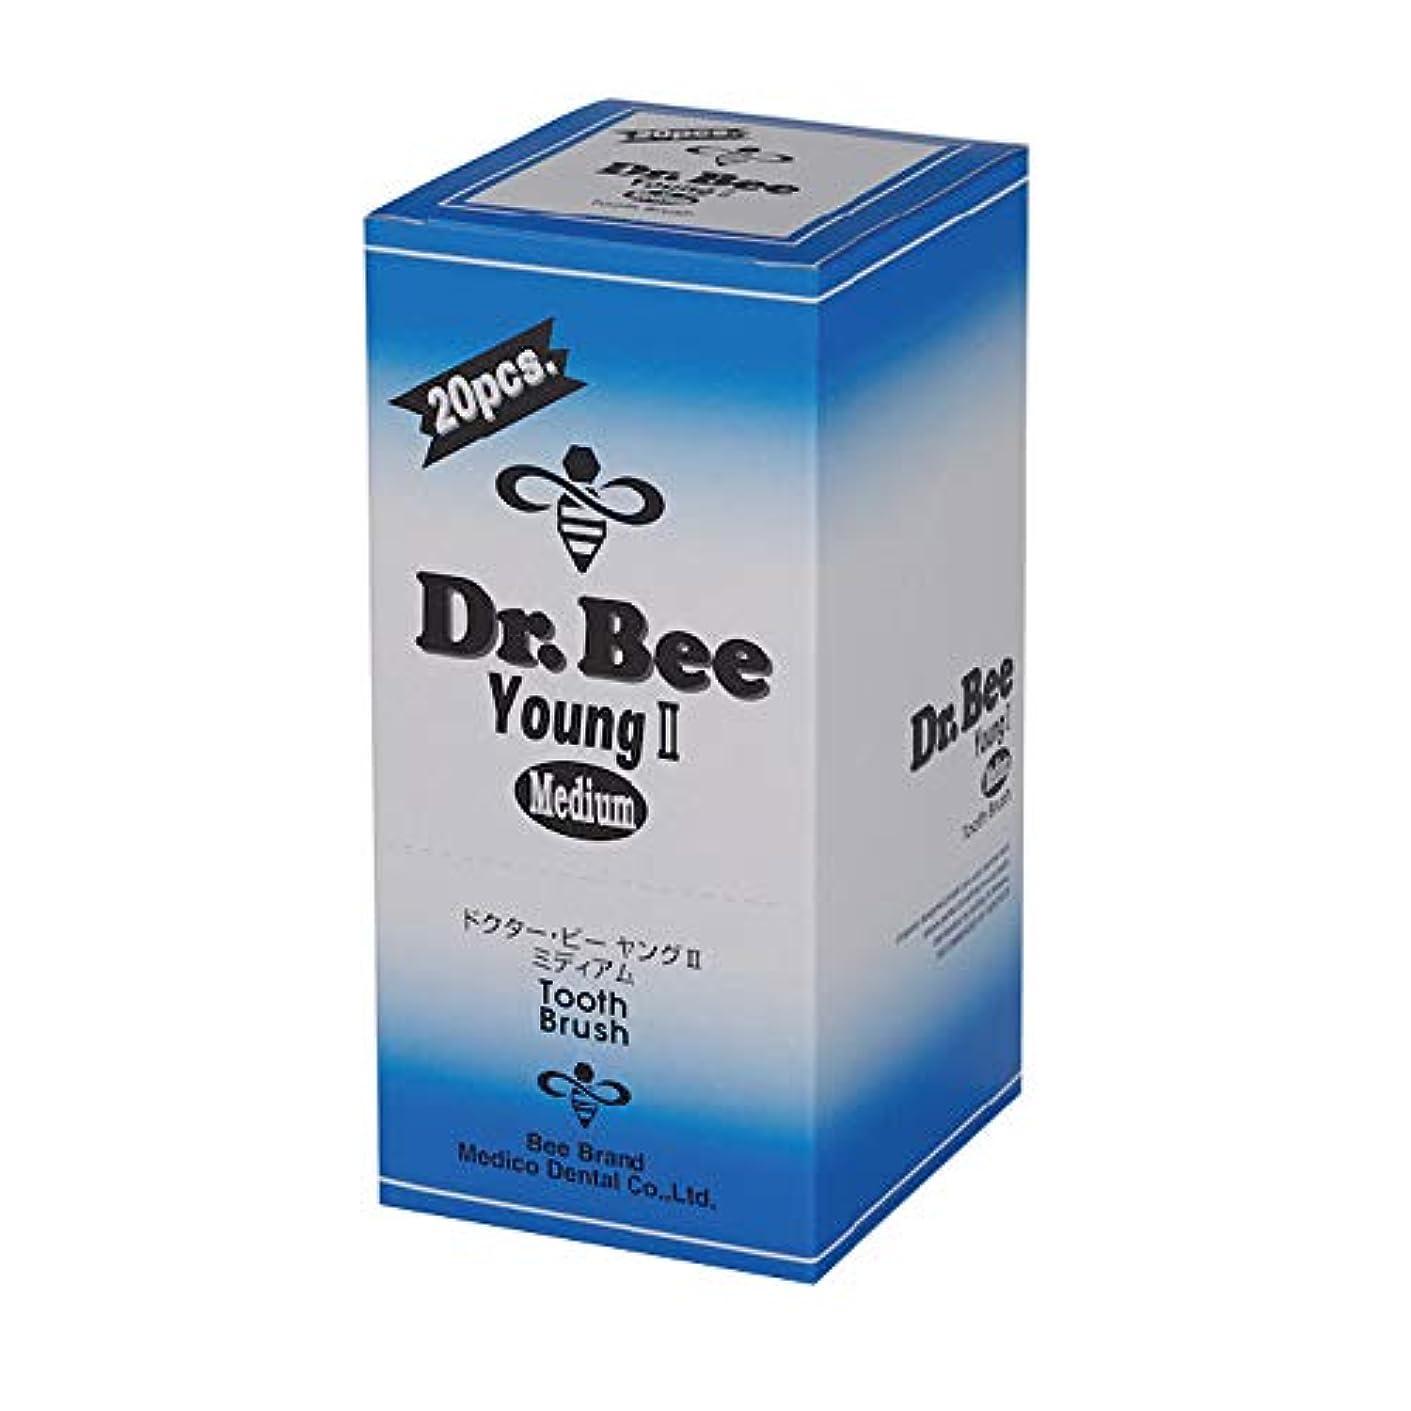 スラックキャッシュミリメートルDr.Bee ヤングII ミディアム 20本入り